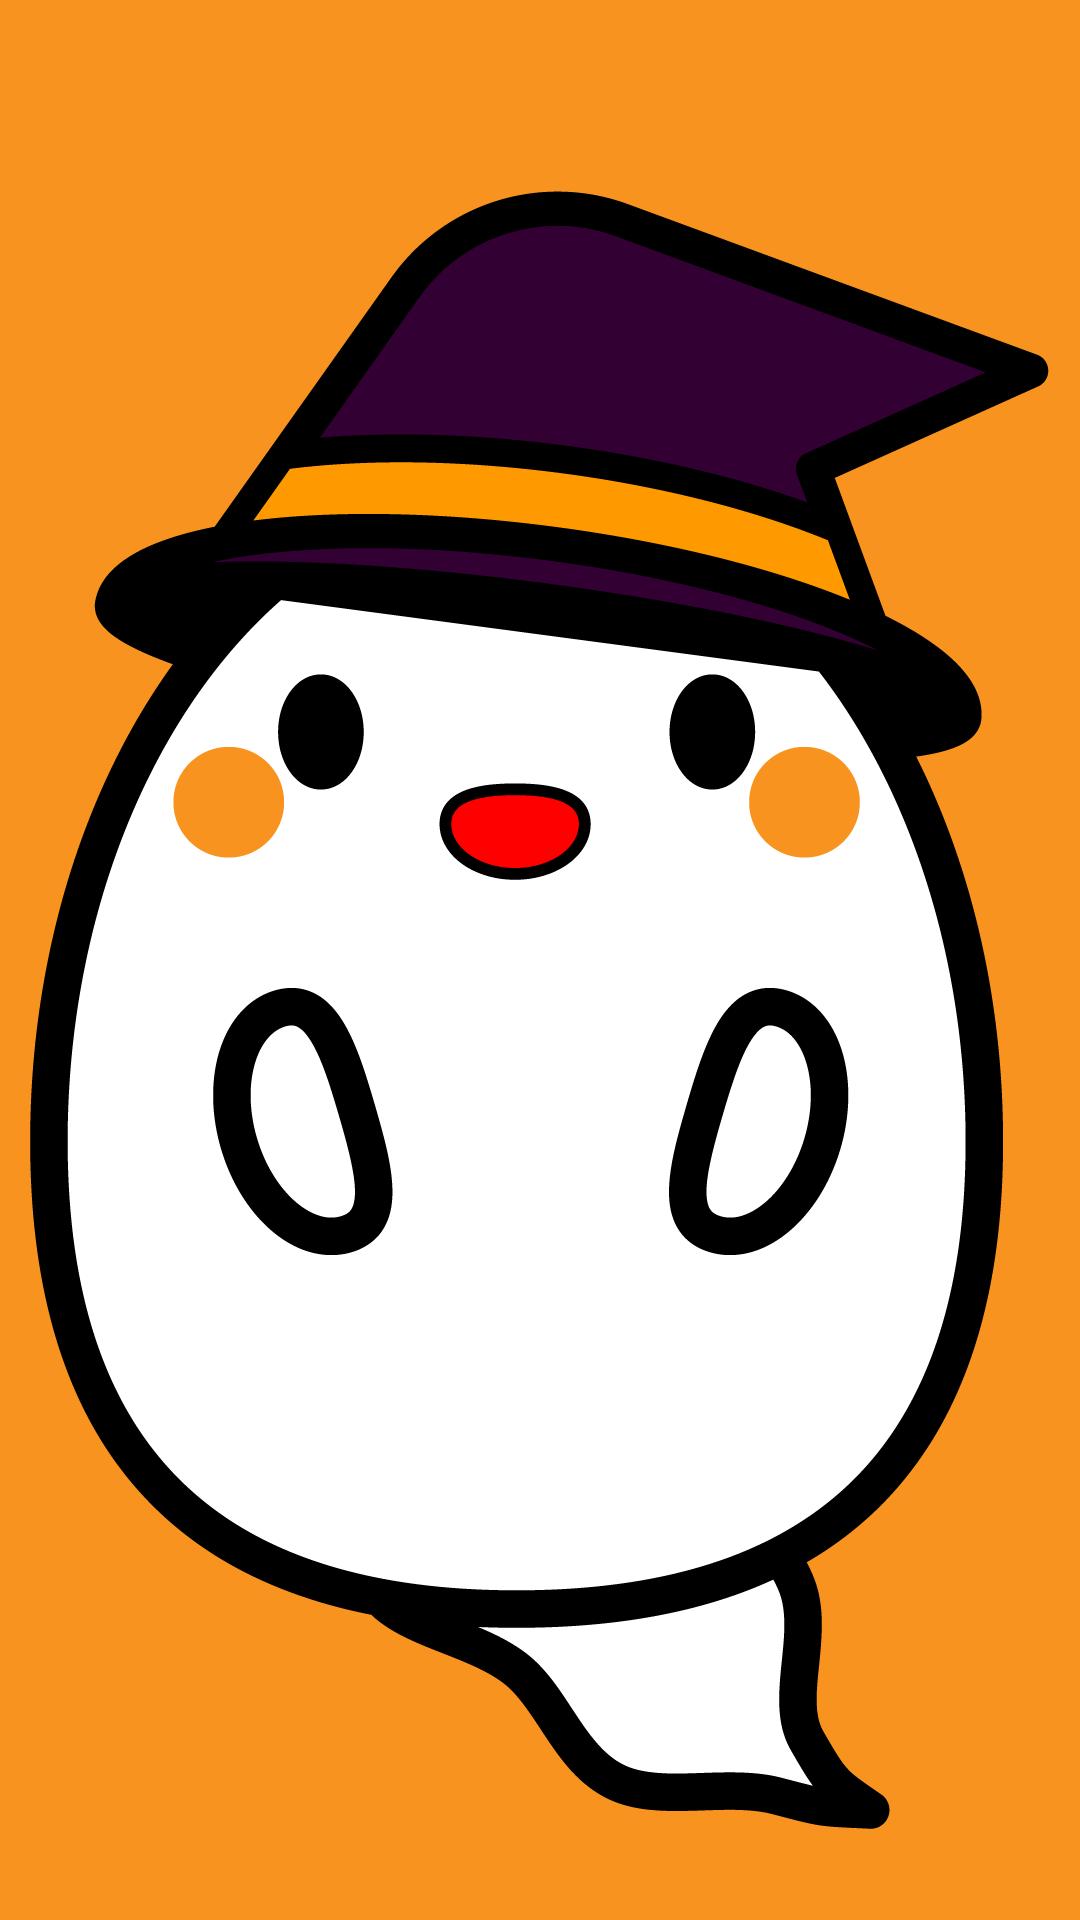 かわいいハロウィンおばけ壁紙(iPhone)の無料イラスト・商用フリー